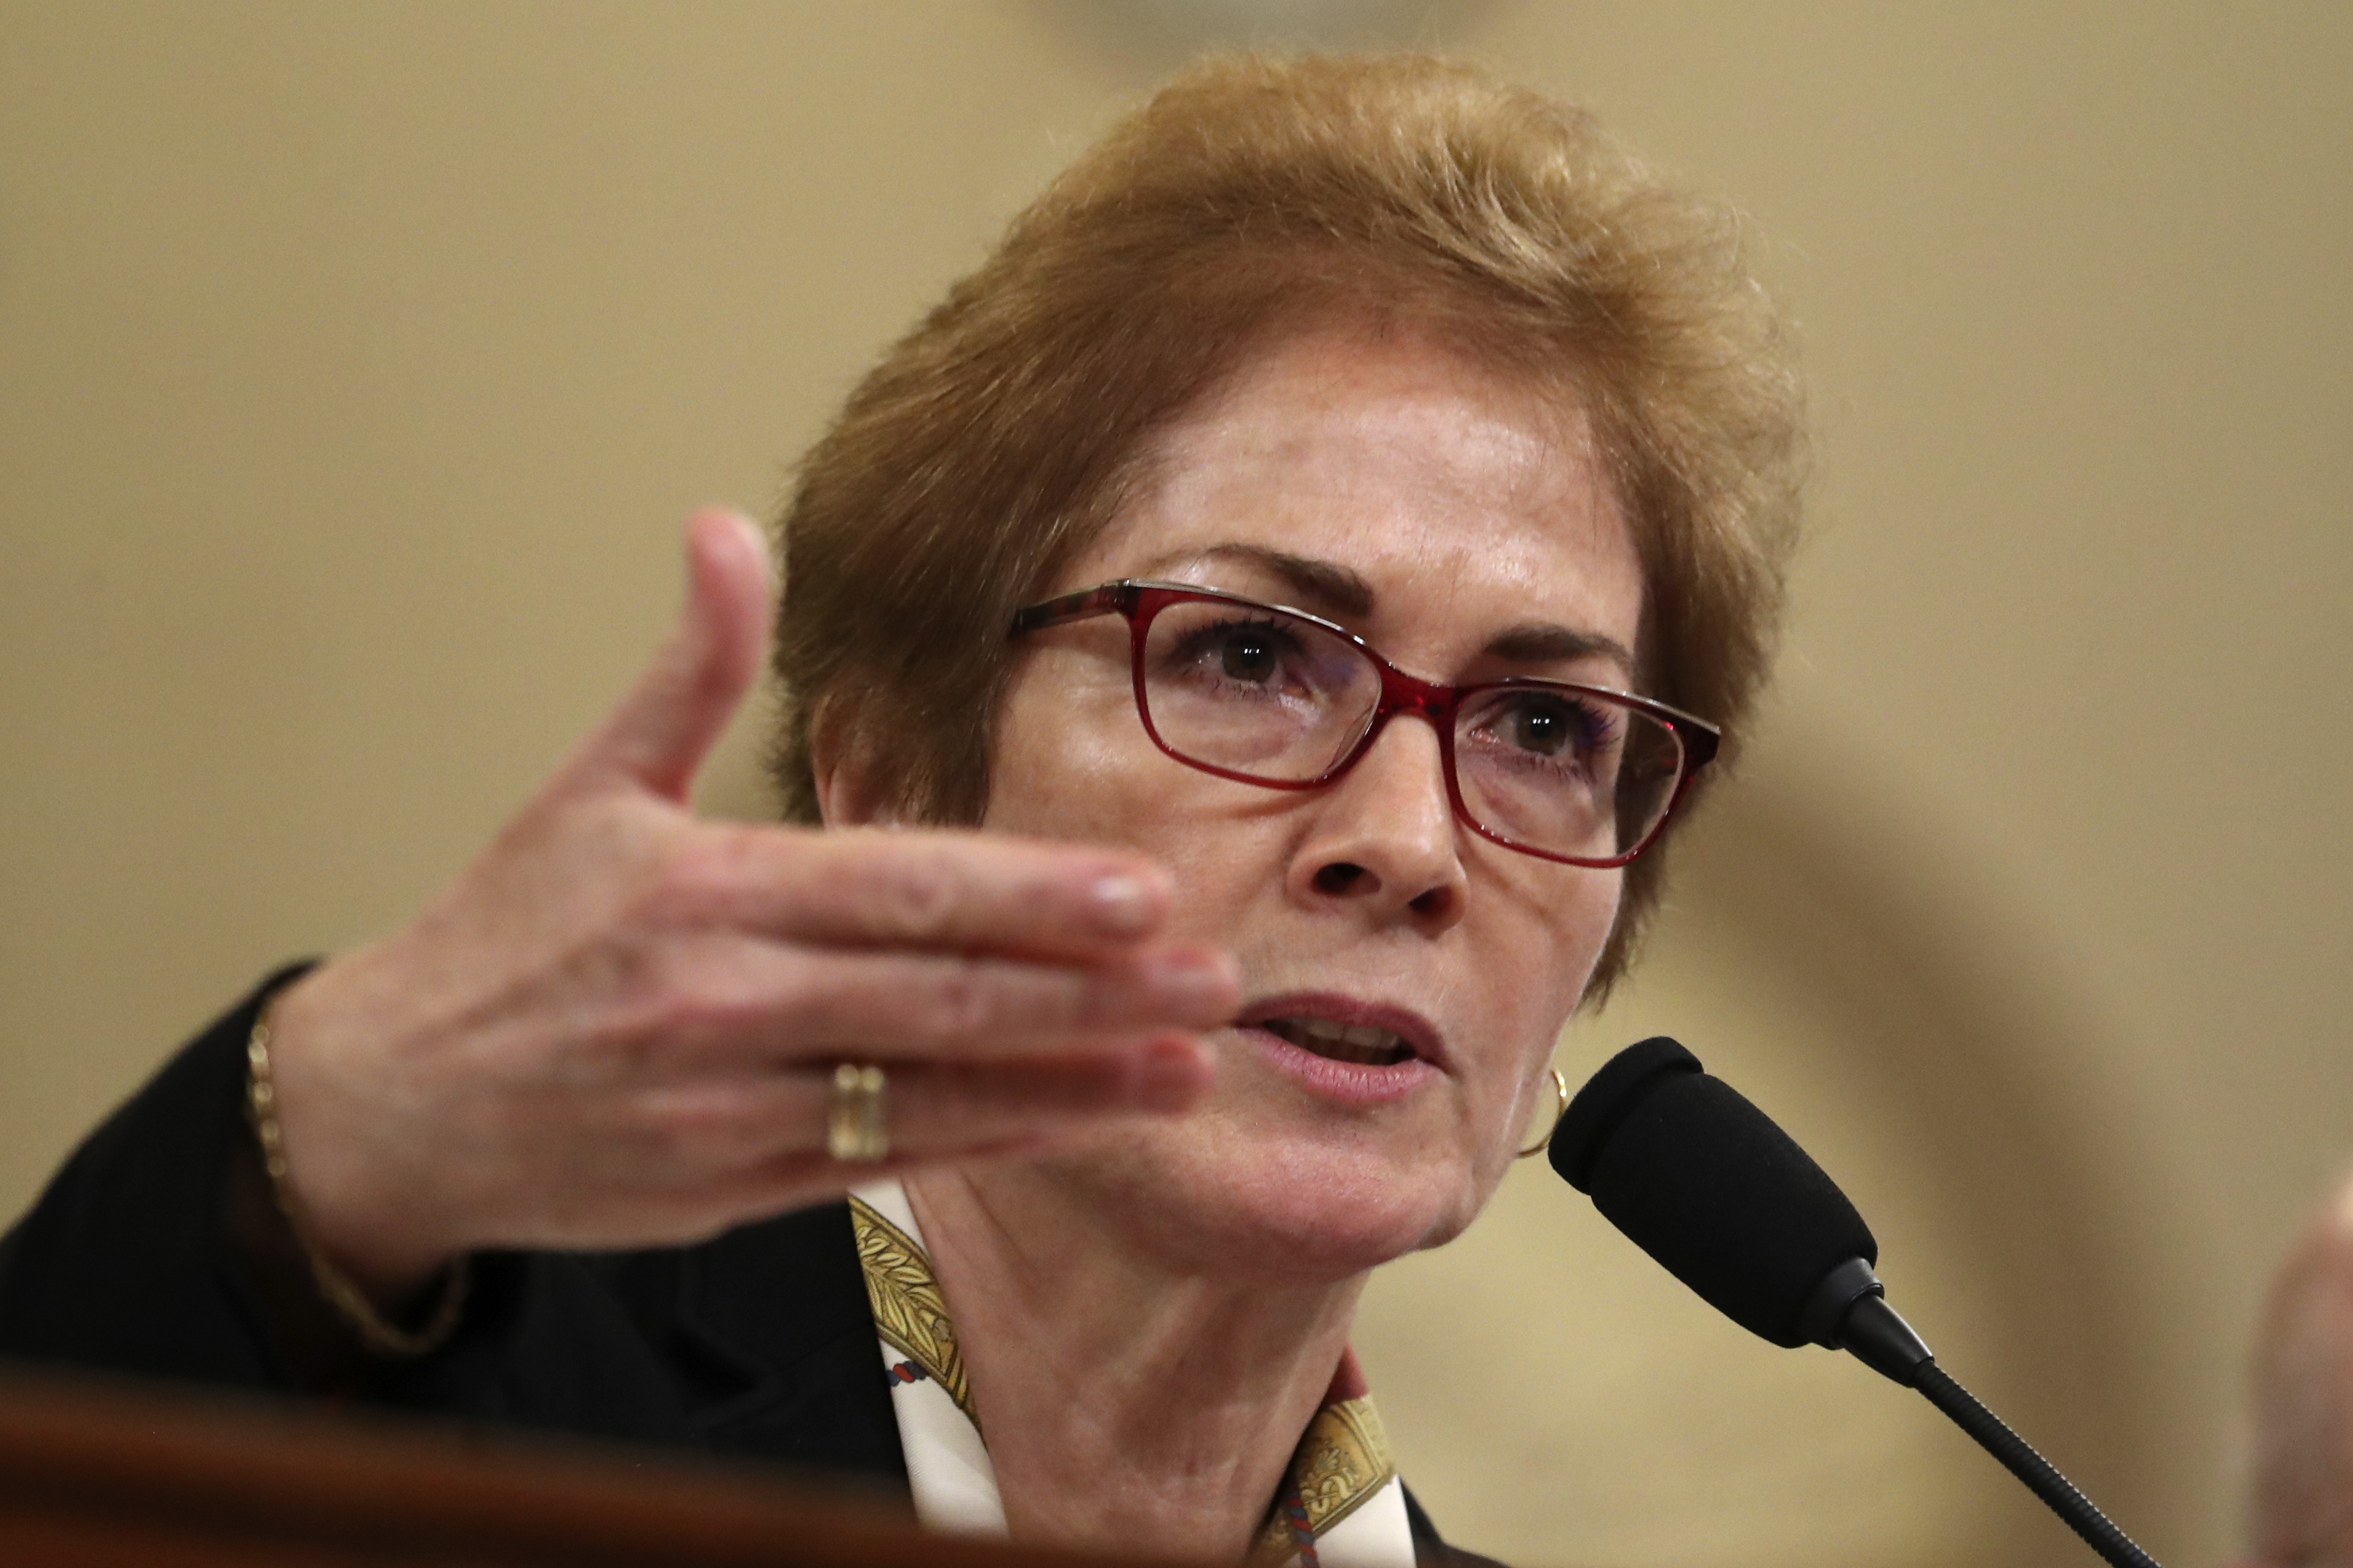 Former U.S. Ambassador to Ukraine Marie Yovanovitch. (AP Photo/Andrew Harnik)